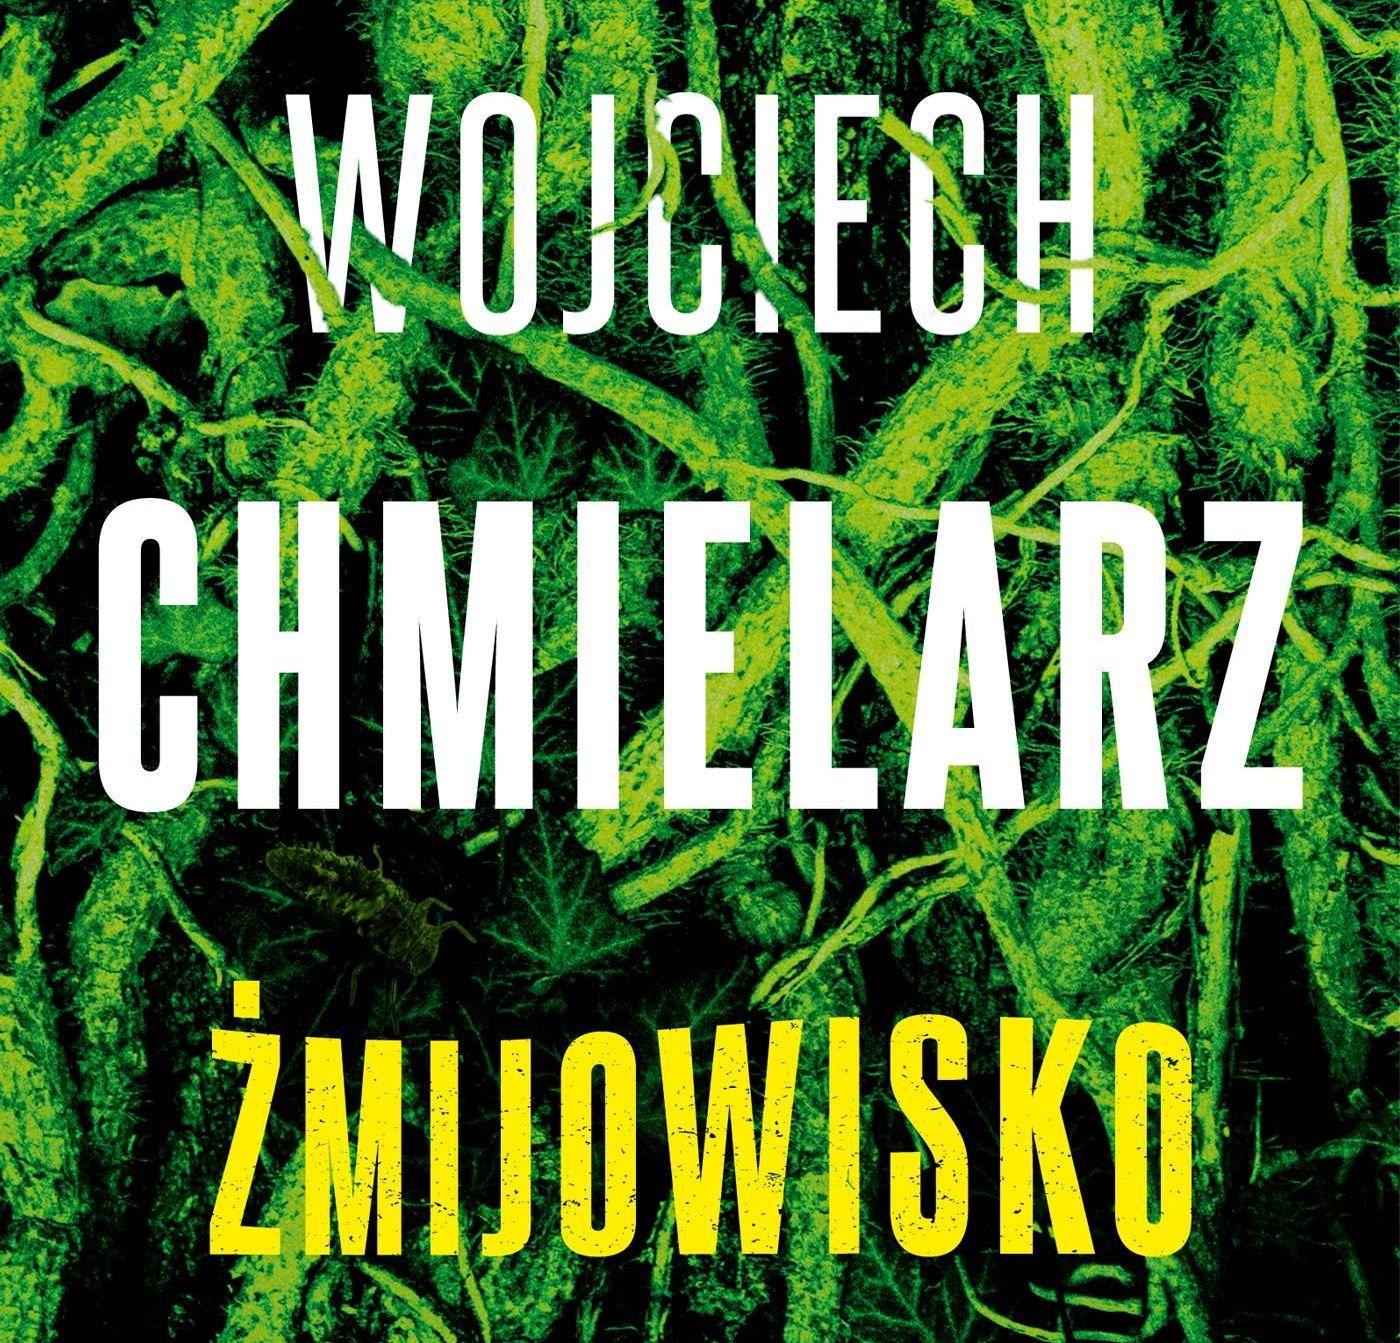 KĄCIK LITERACKI: Wojciech Chmielarz - Żmijowisko - Zdjęcie główne